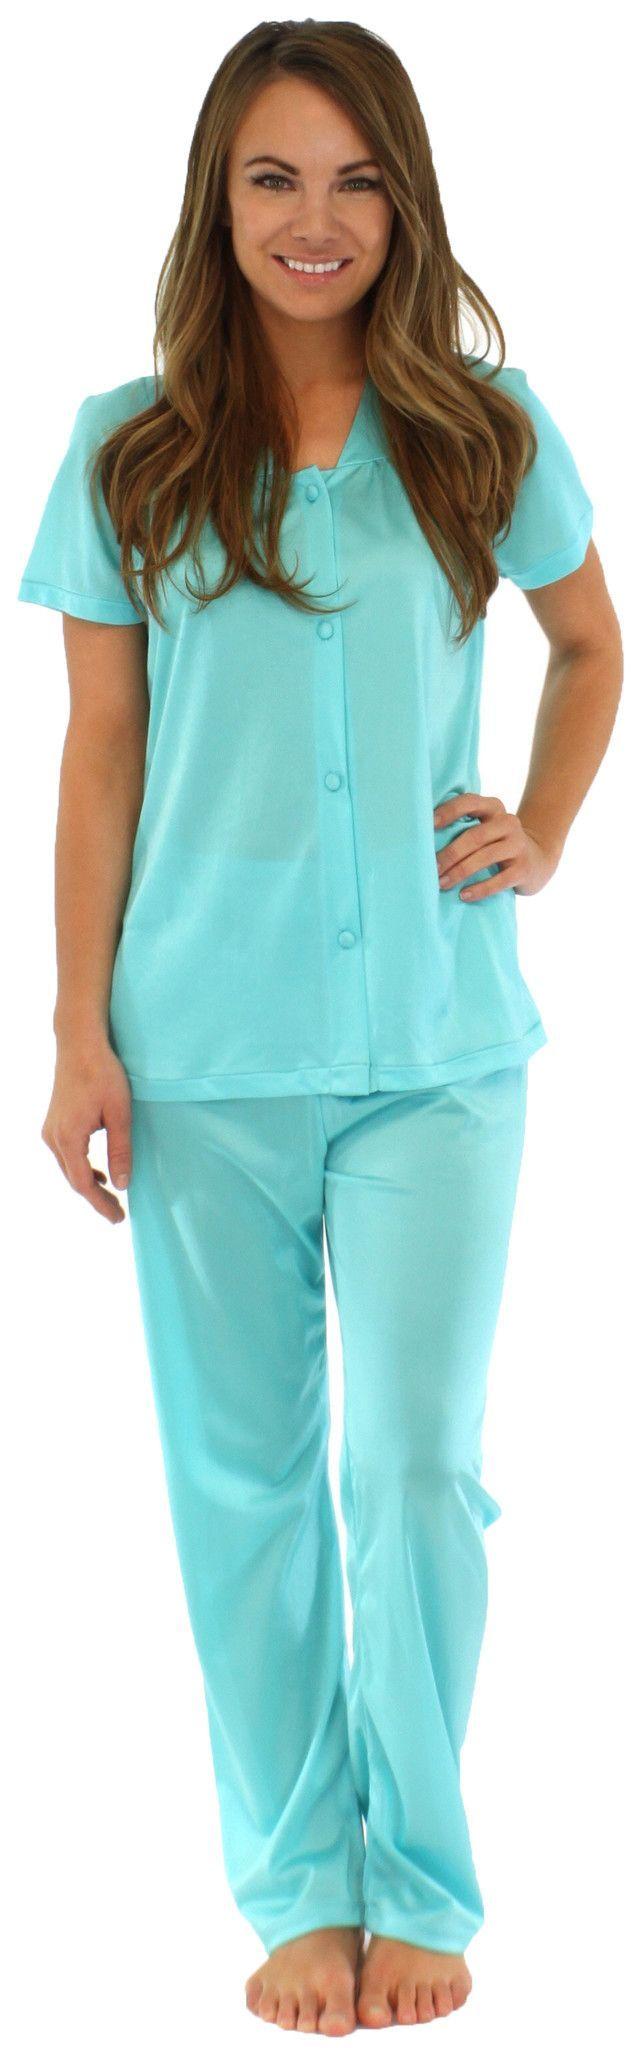 PajamaMania Women's Short Sleeve Nylon Pajama Set